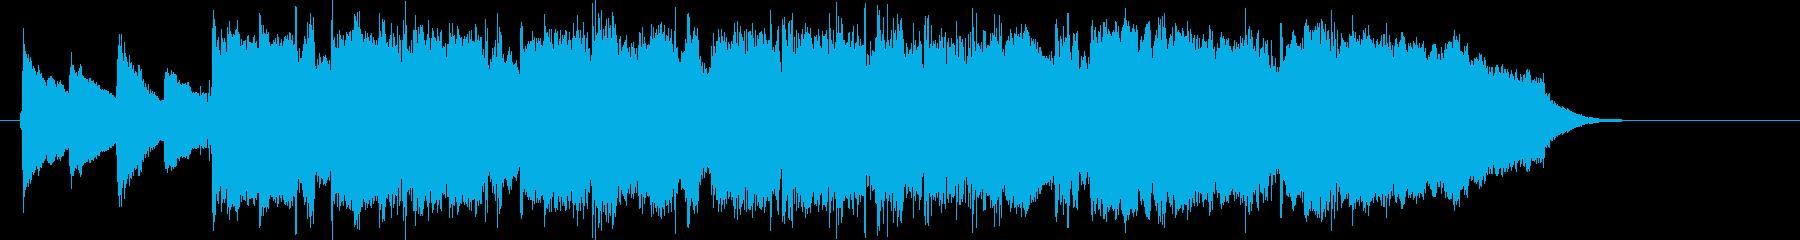 爽やかで懐かしいメローなピアノジングルの再生済みの波形